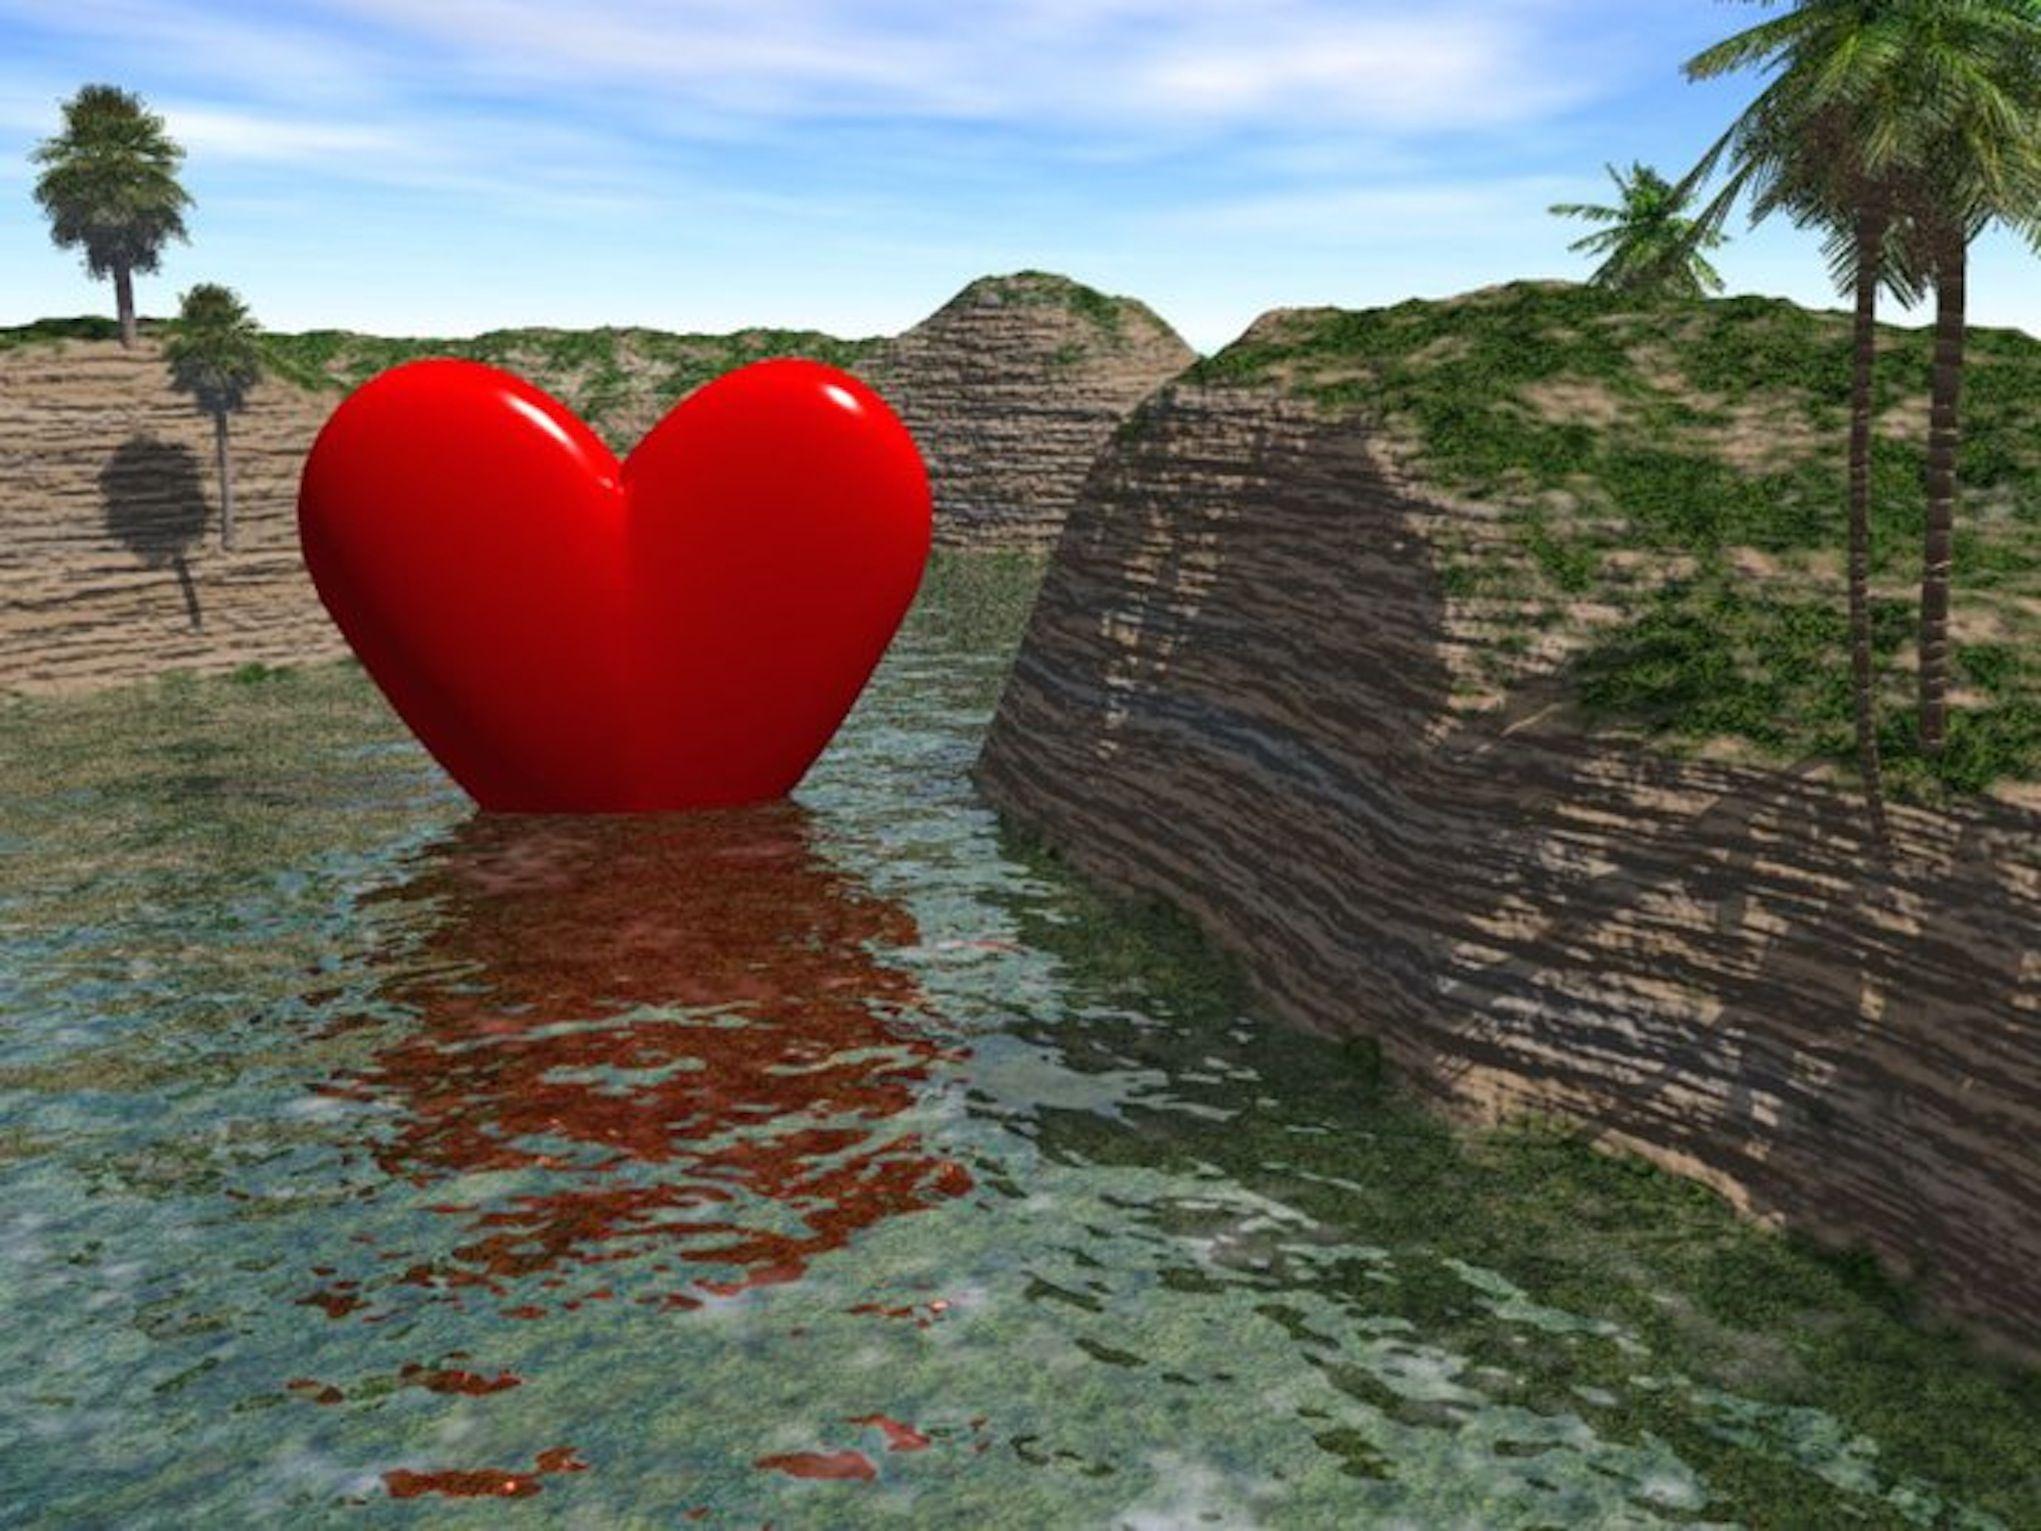 Nouveau texte publié sur le site littéraire Plume de PoèteLe coeur dans le désert apporte la mer ...